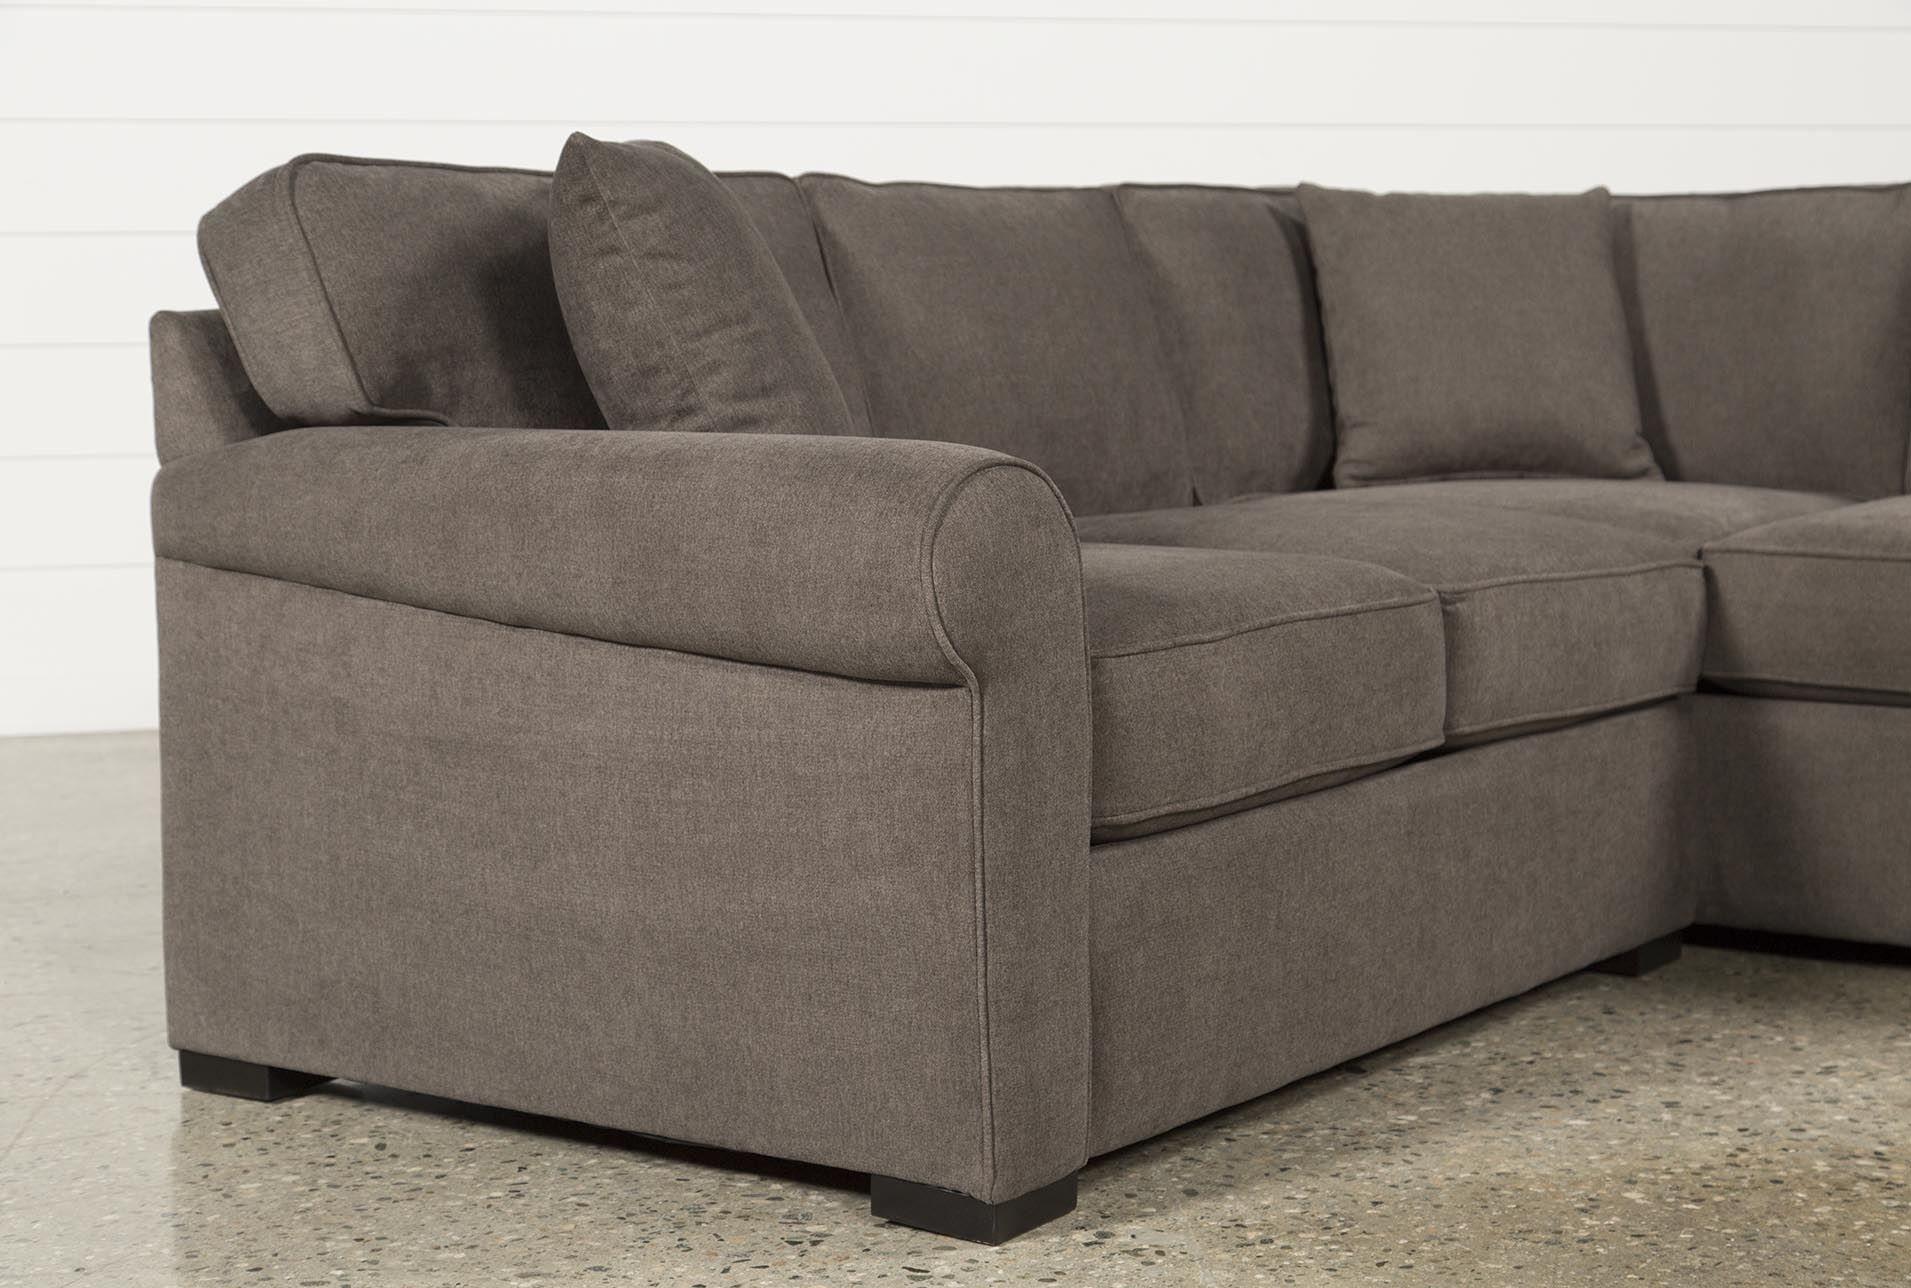 Elm Grande 2 Piece Sectional, Grey, Sofas | Room Inspiration for Elm Grande Ii 2 Piece Sectionals (Image 14 of 30)